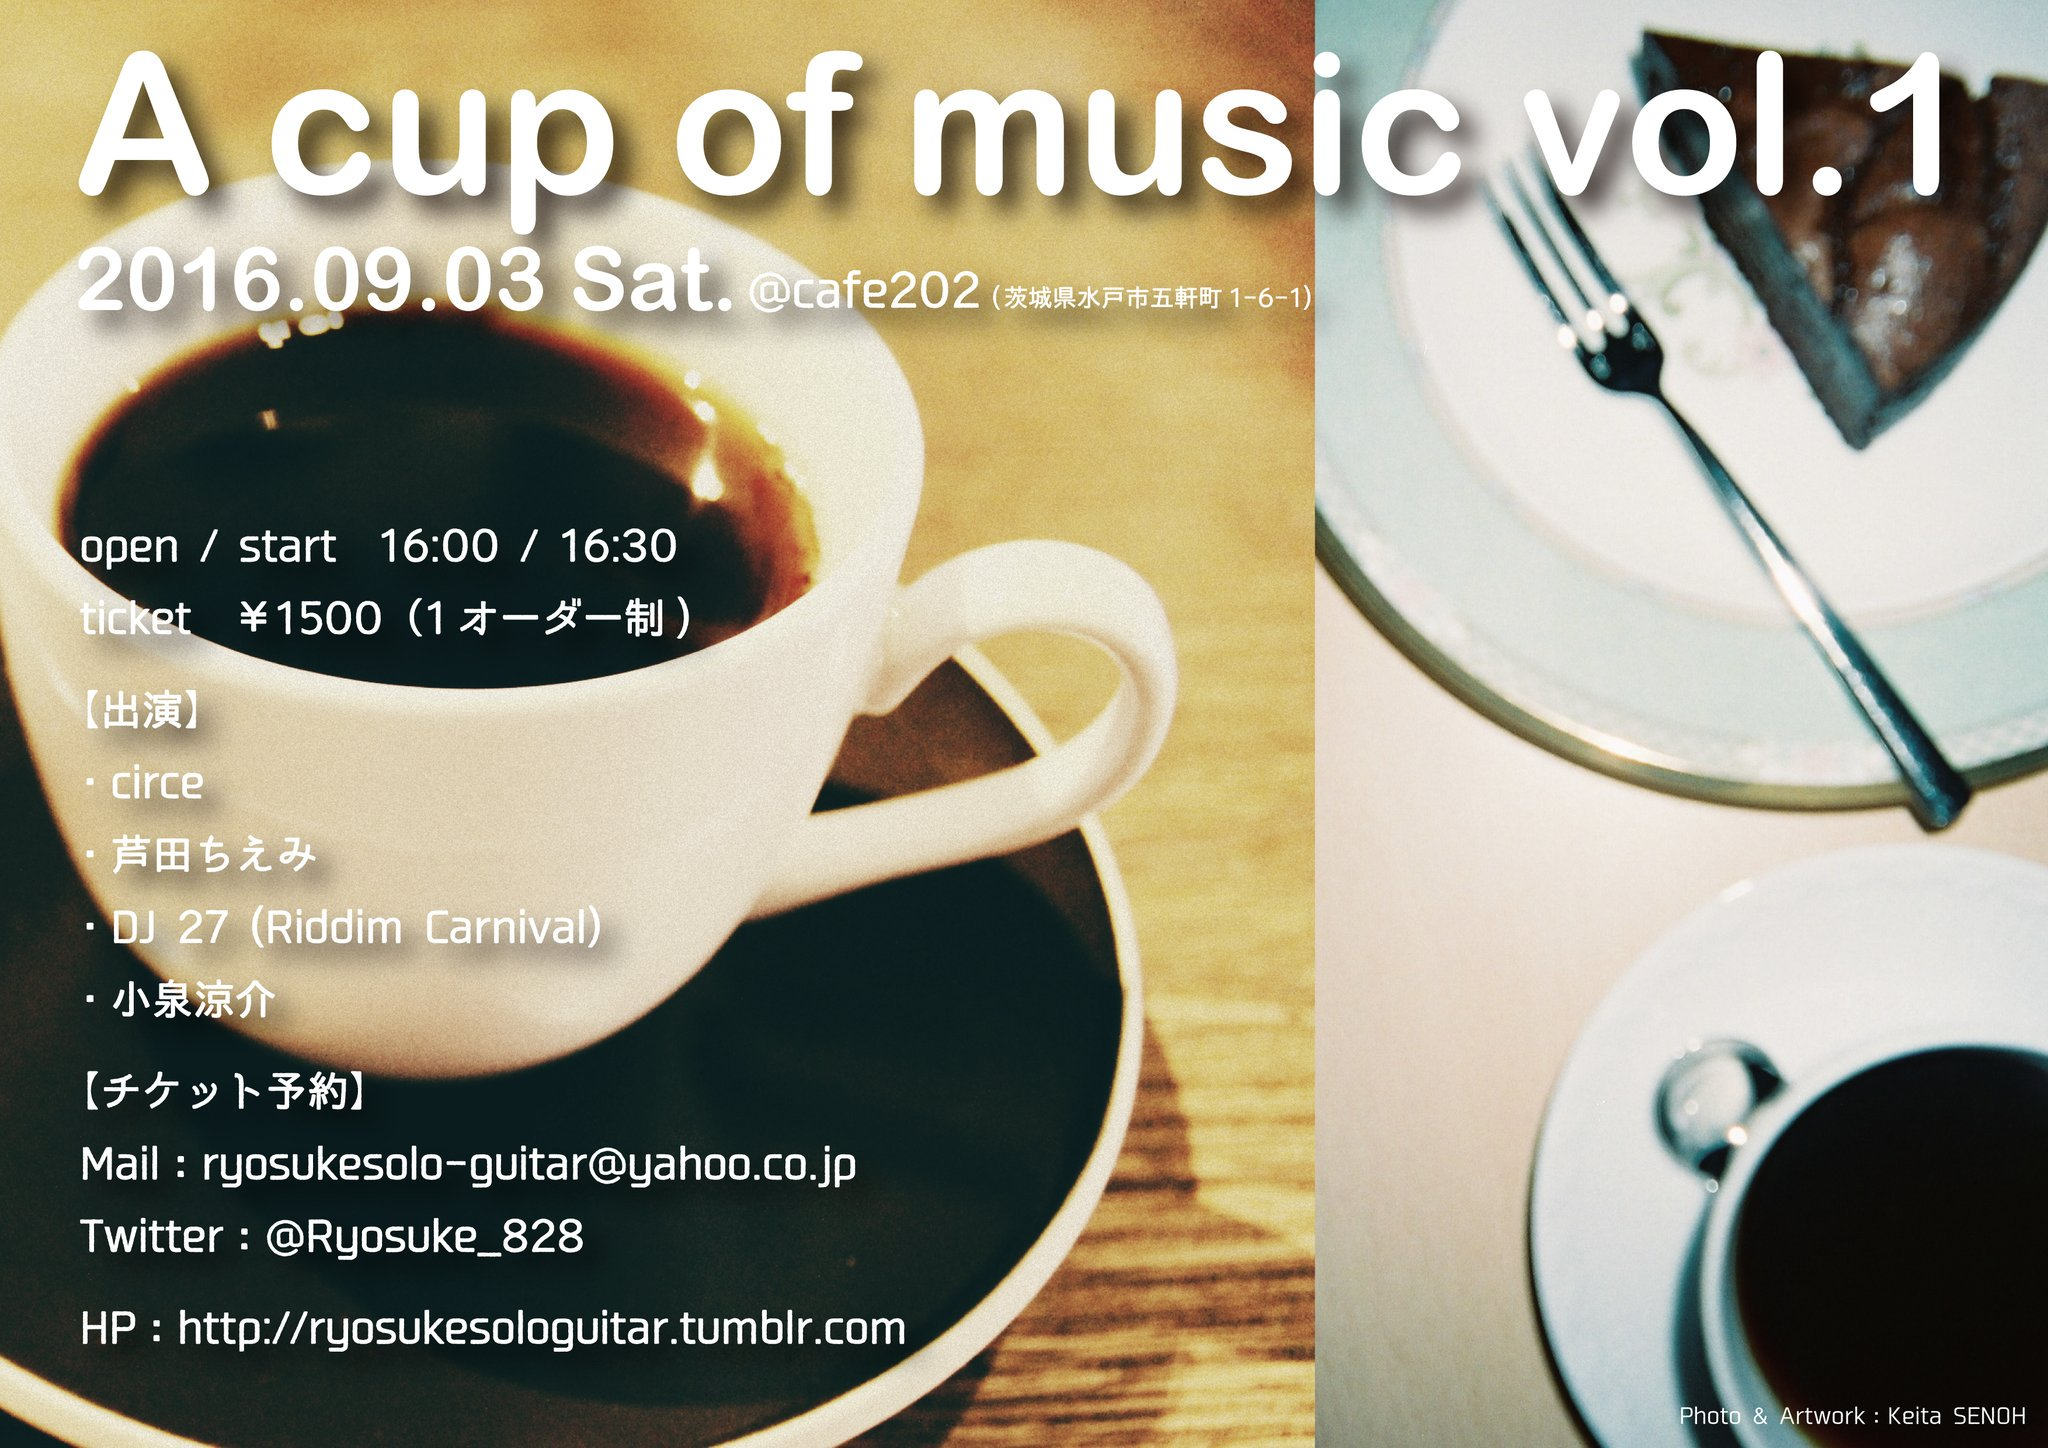 水戸cafe202にて「A cup of music vol.1」に出演決定!